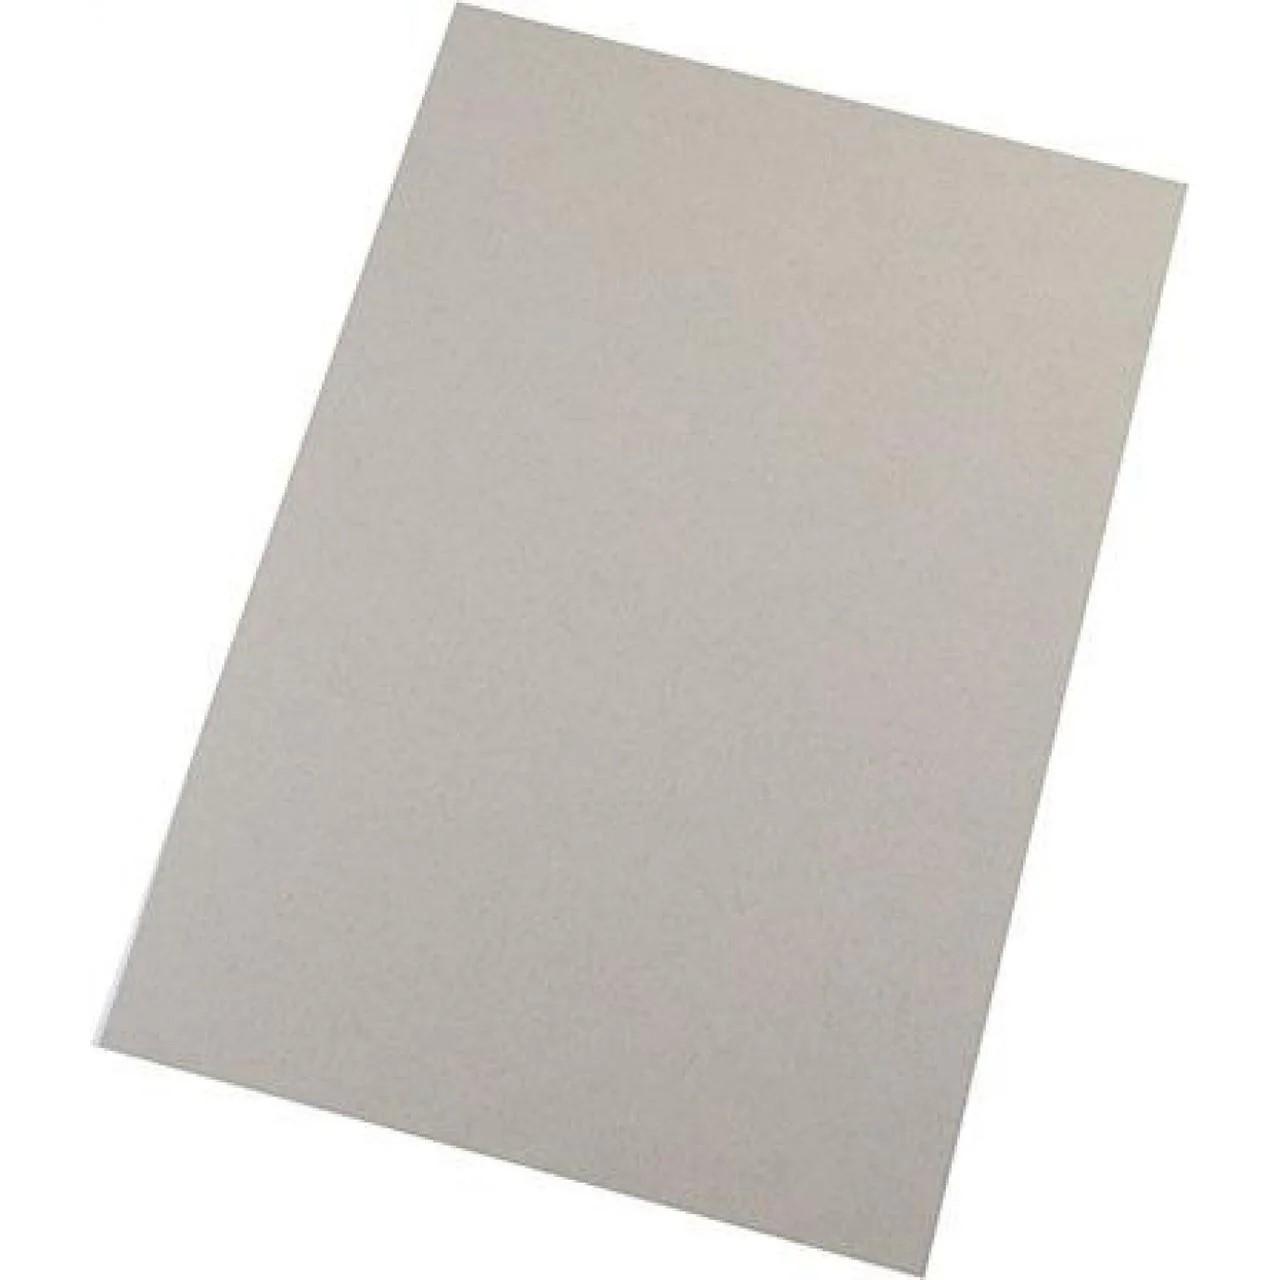 Бумага для пастели Tiziano A3 (29,7 * 42см), №28 china, 160г / м2, кремовый, среднее зерно, Fabriano